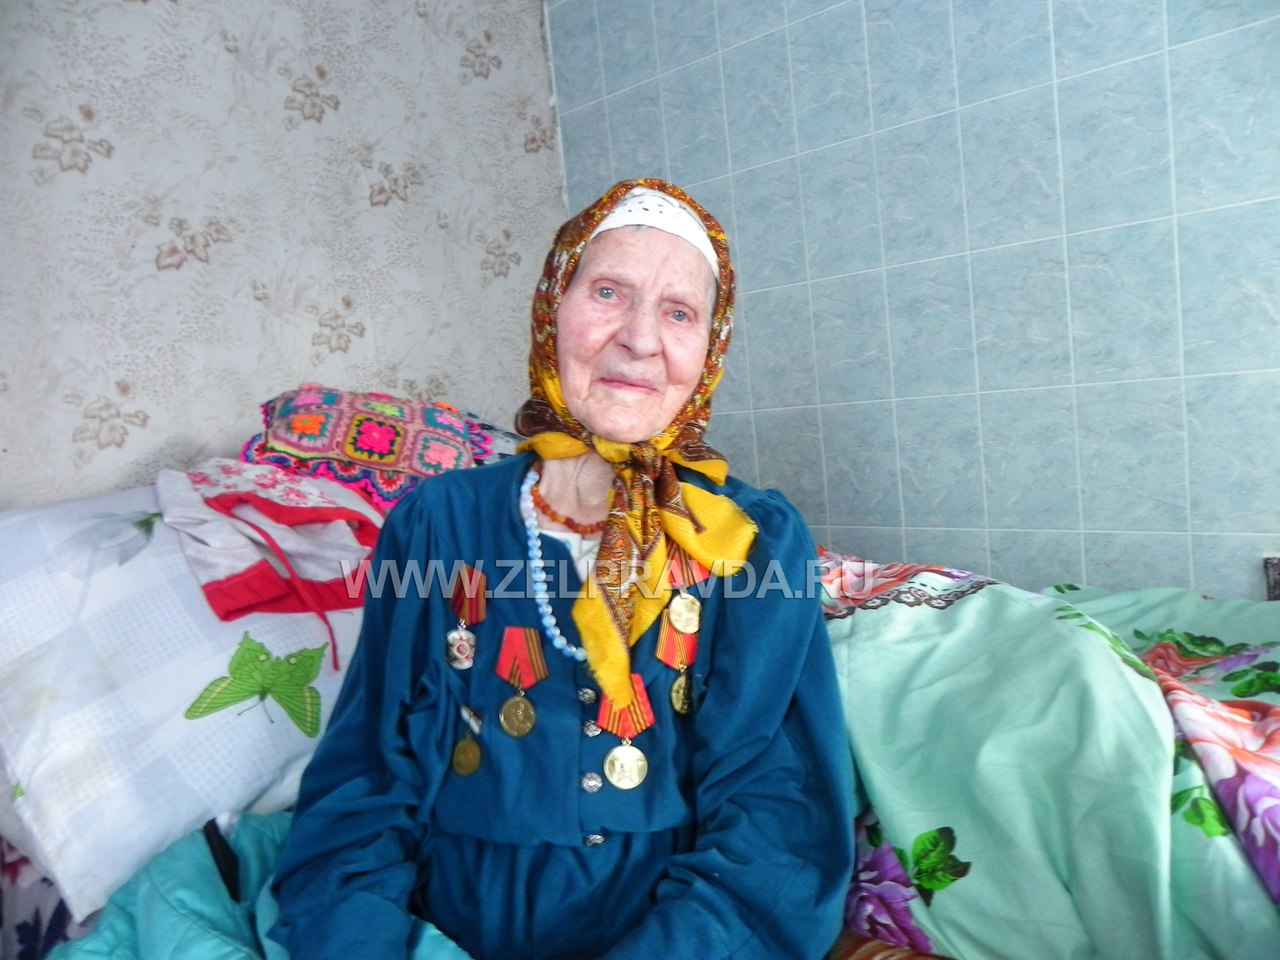 Жительнице станицы Зеленчукской исполнилось 100 лет!